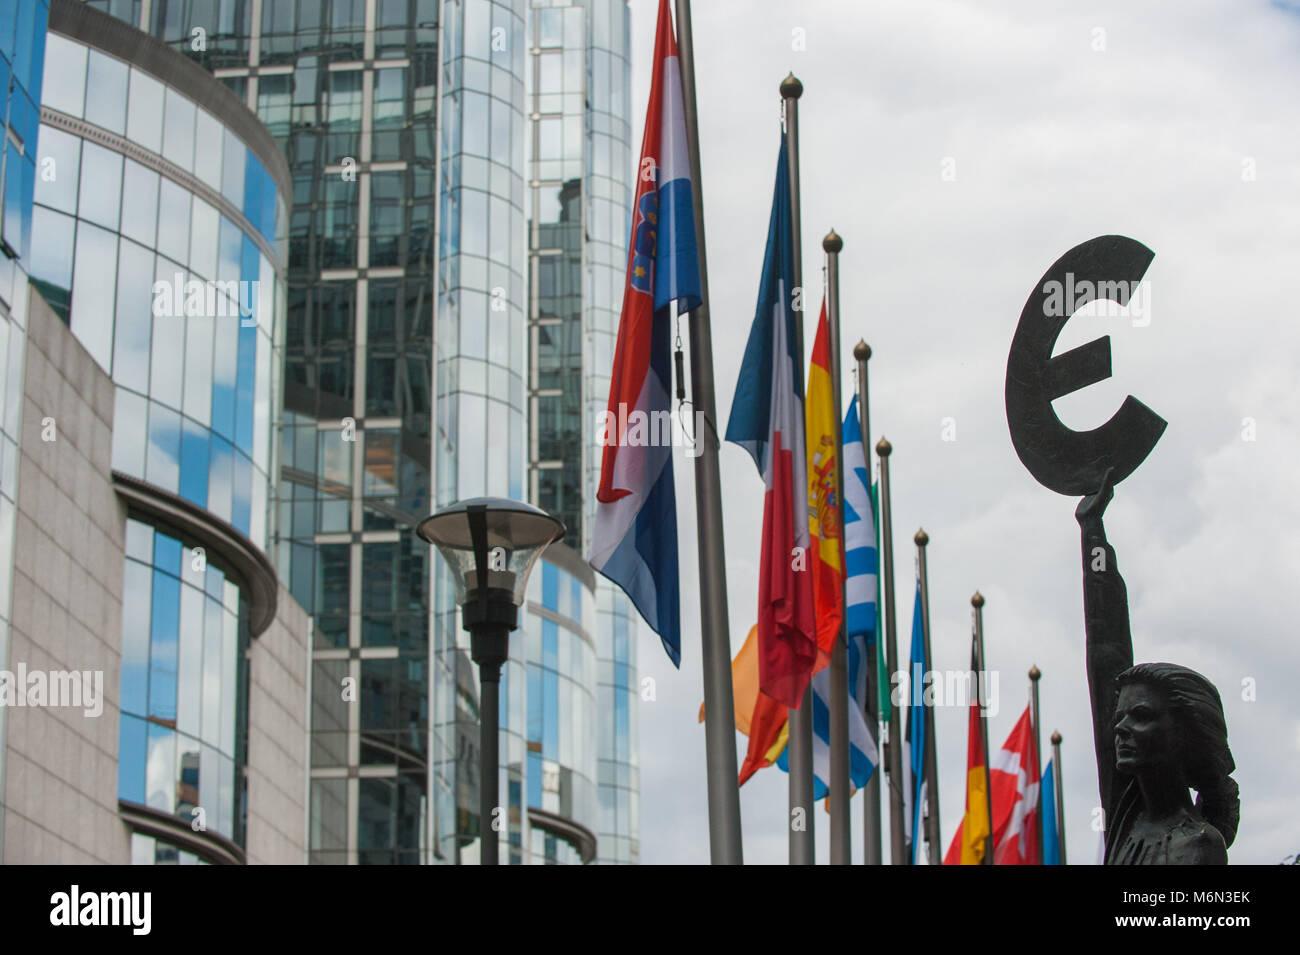 Bruxelles, European Parliament. Belgium. - Stock Image